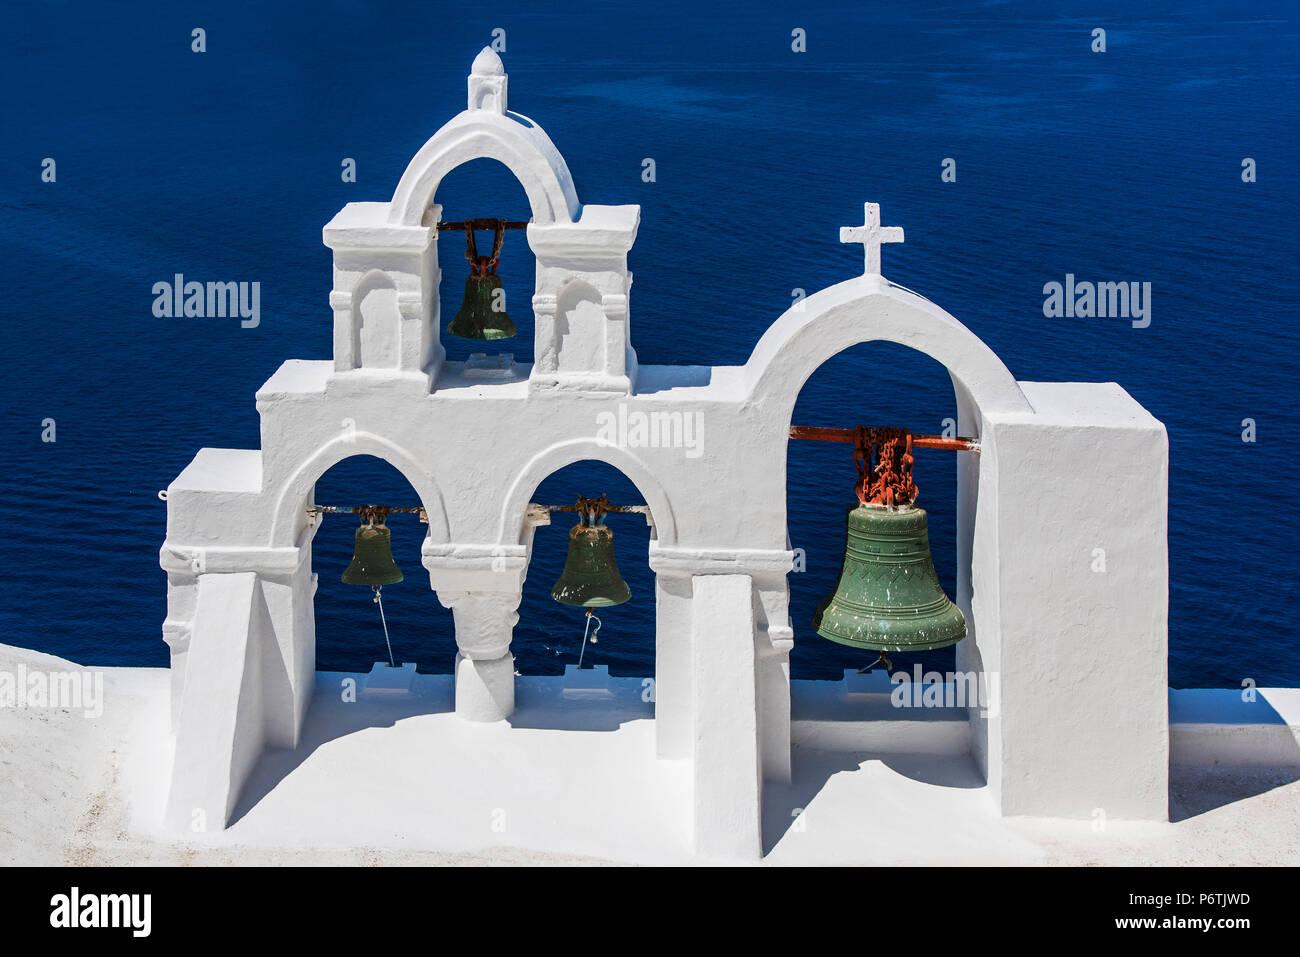 Typische griechische weiße Befry, Oia, Santorini, Süd Ägäis, Griechenland Stockbild